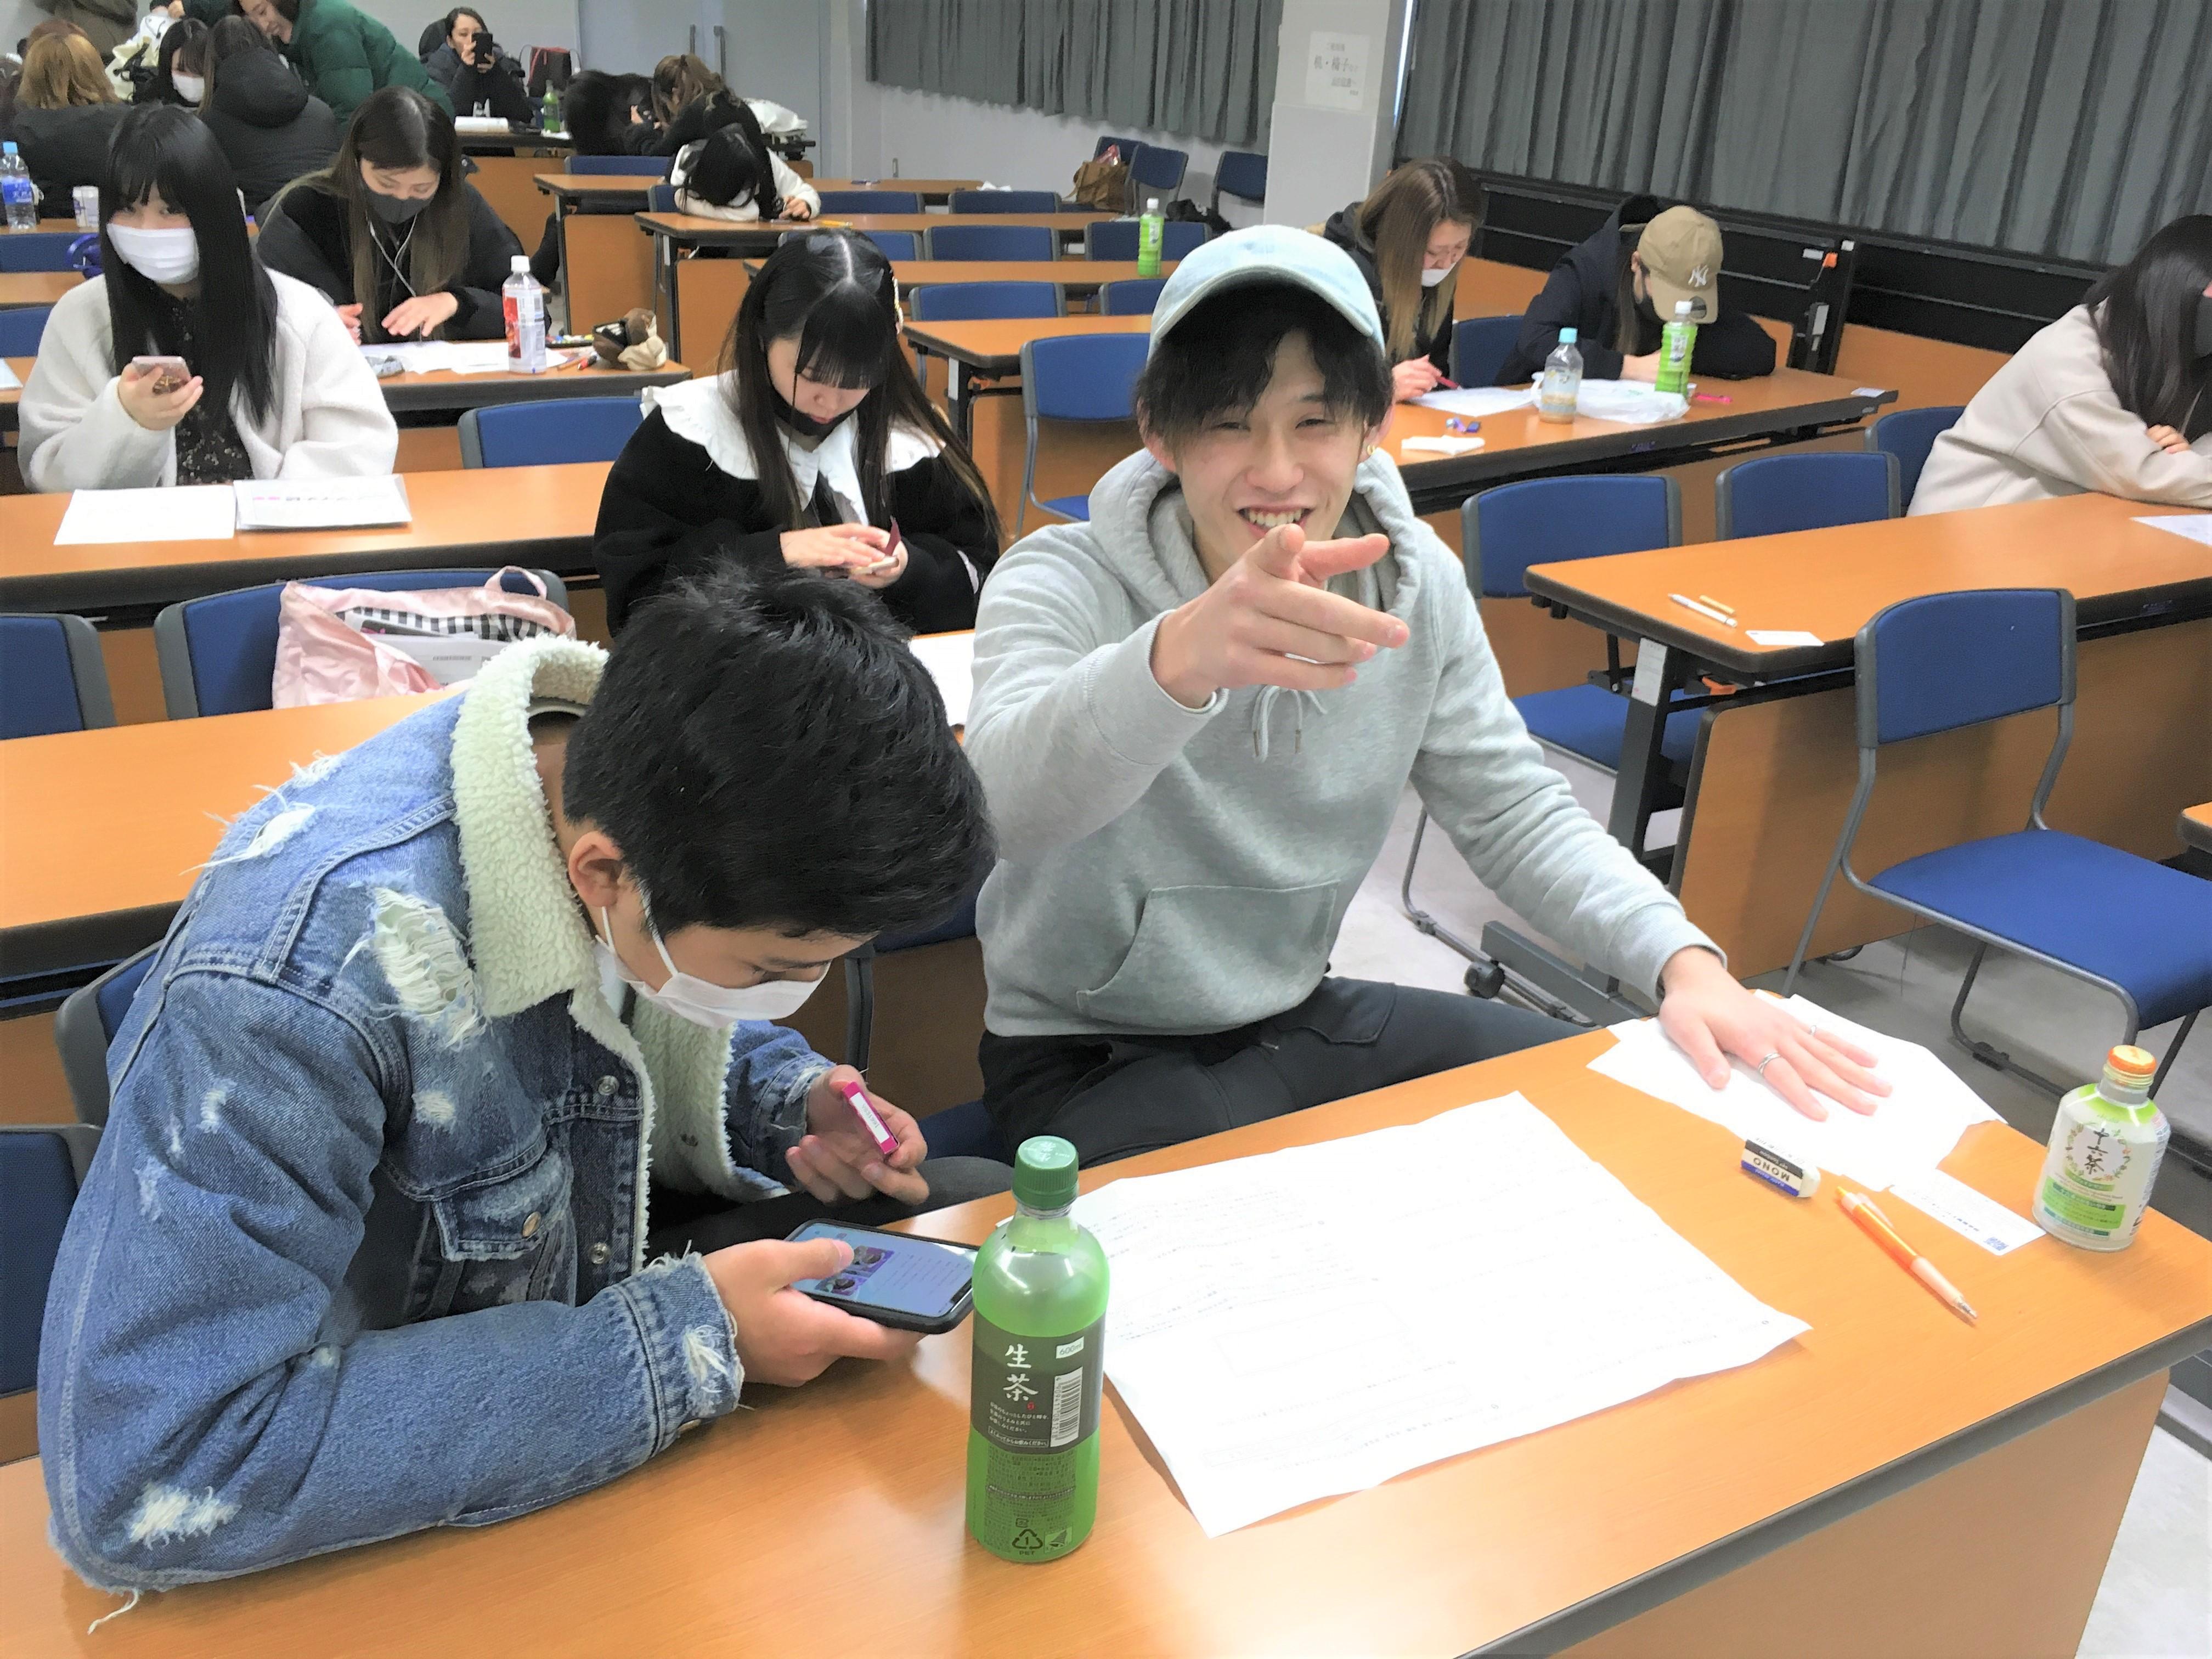 【岡山】3/18 完全個別で何でも聞ける入学相談会